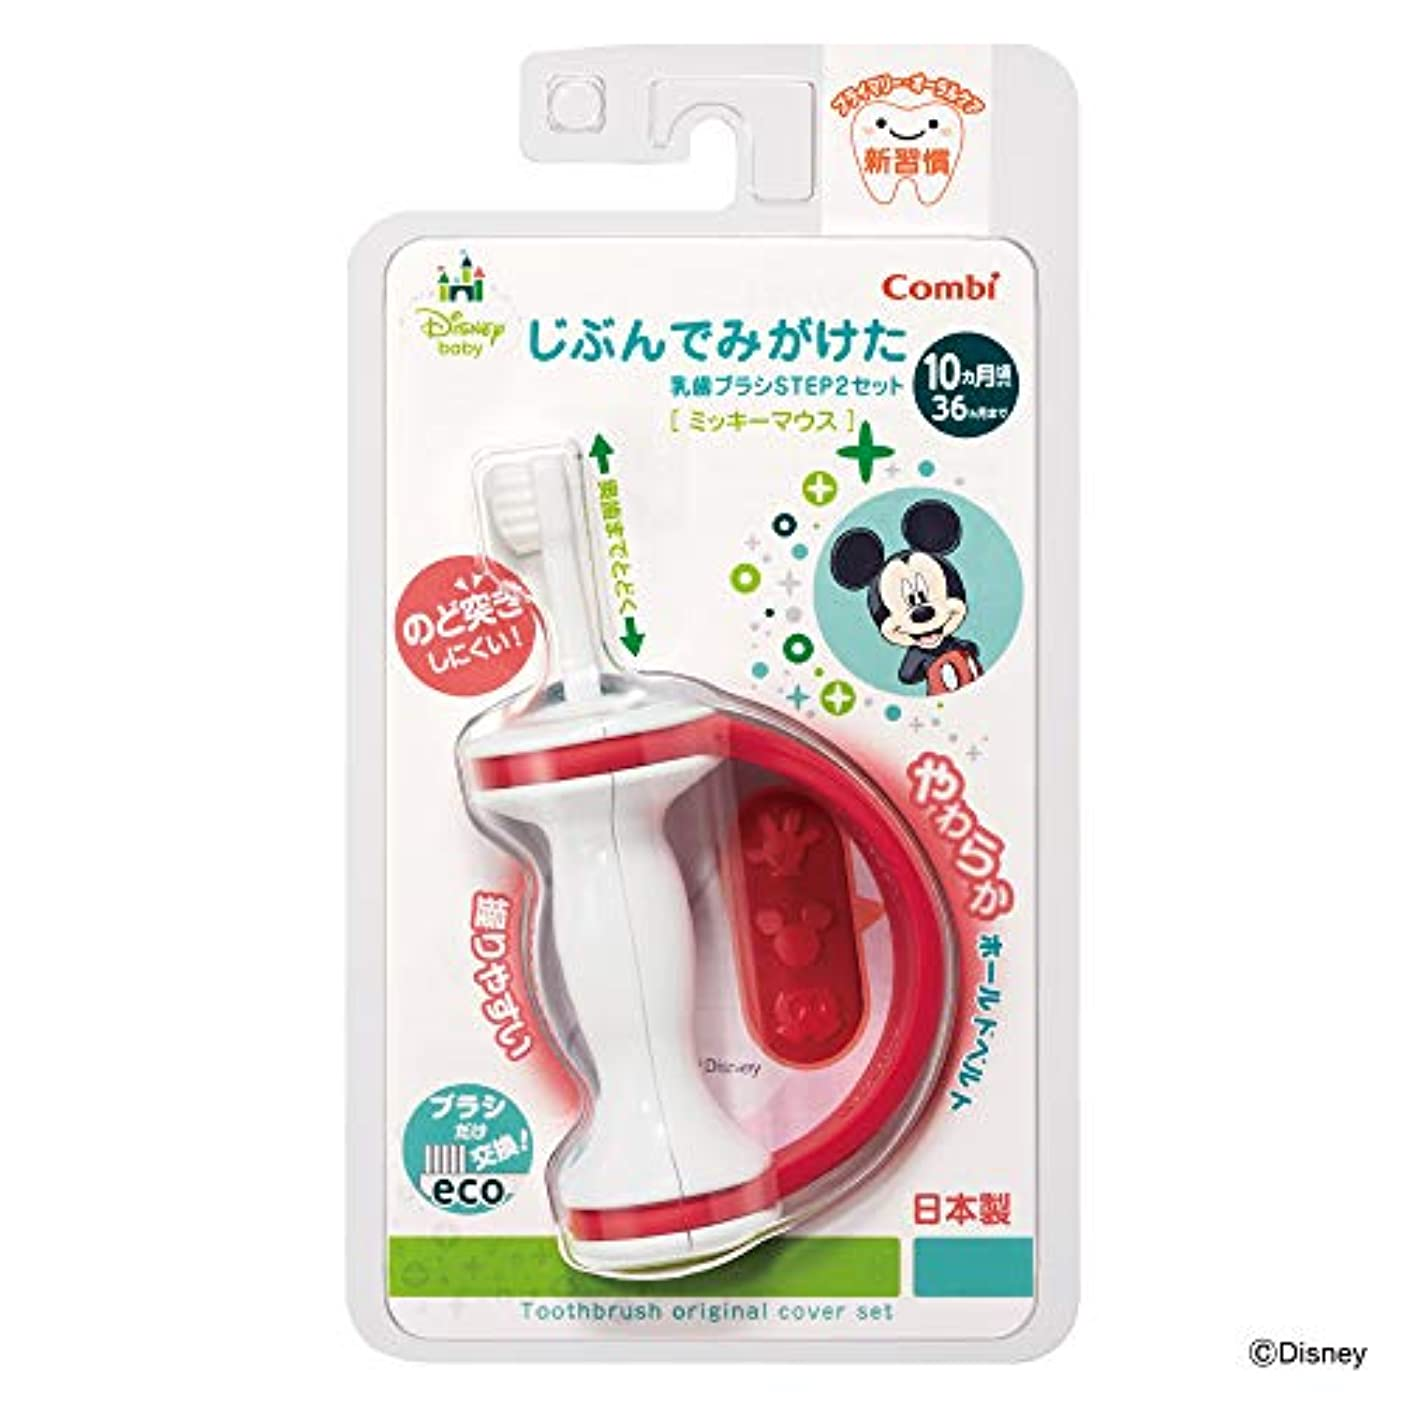 達成する洗剤相手コンビ テテオ じぶんでみがけた乳歯ブラシ STEP2セットミッキーマウス